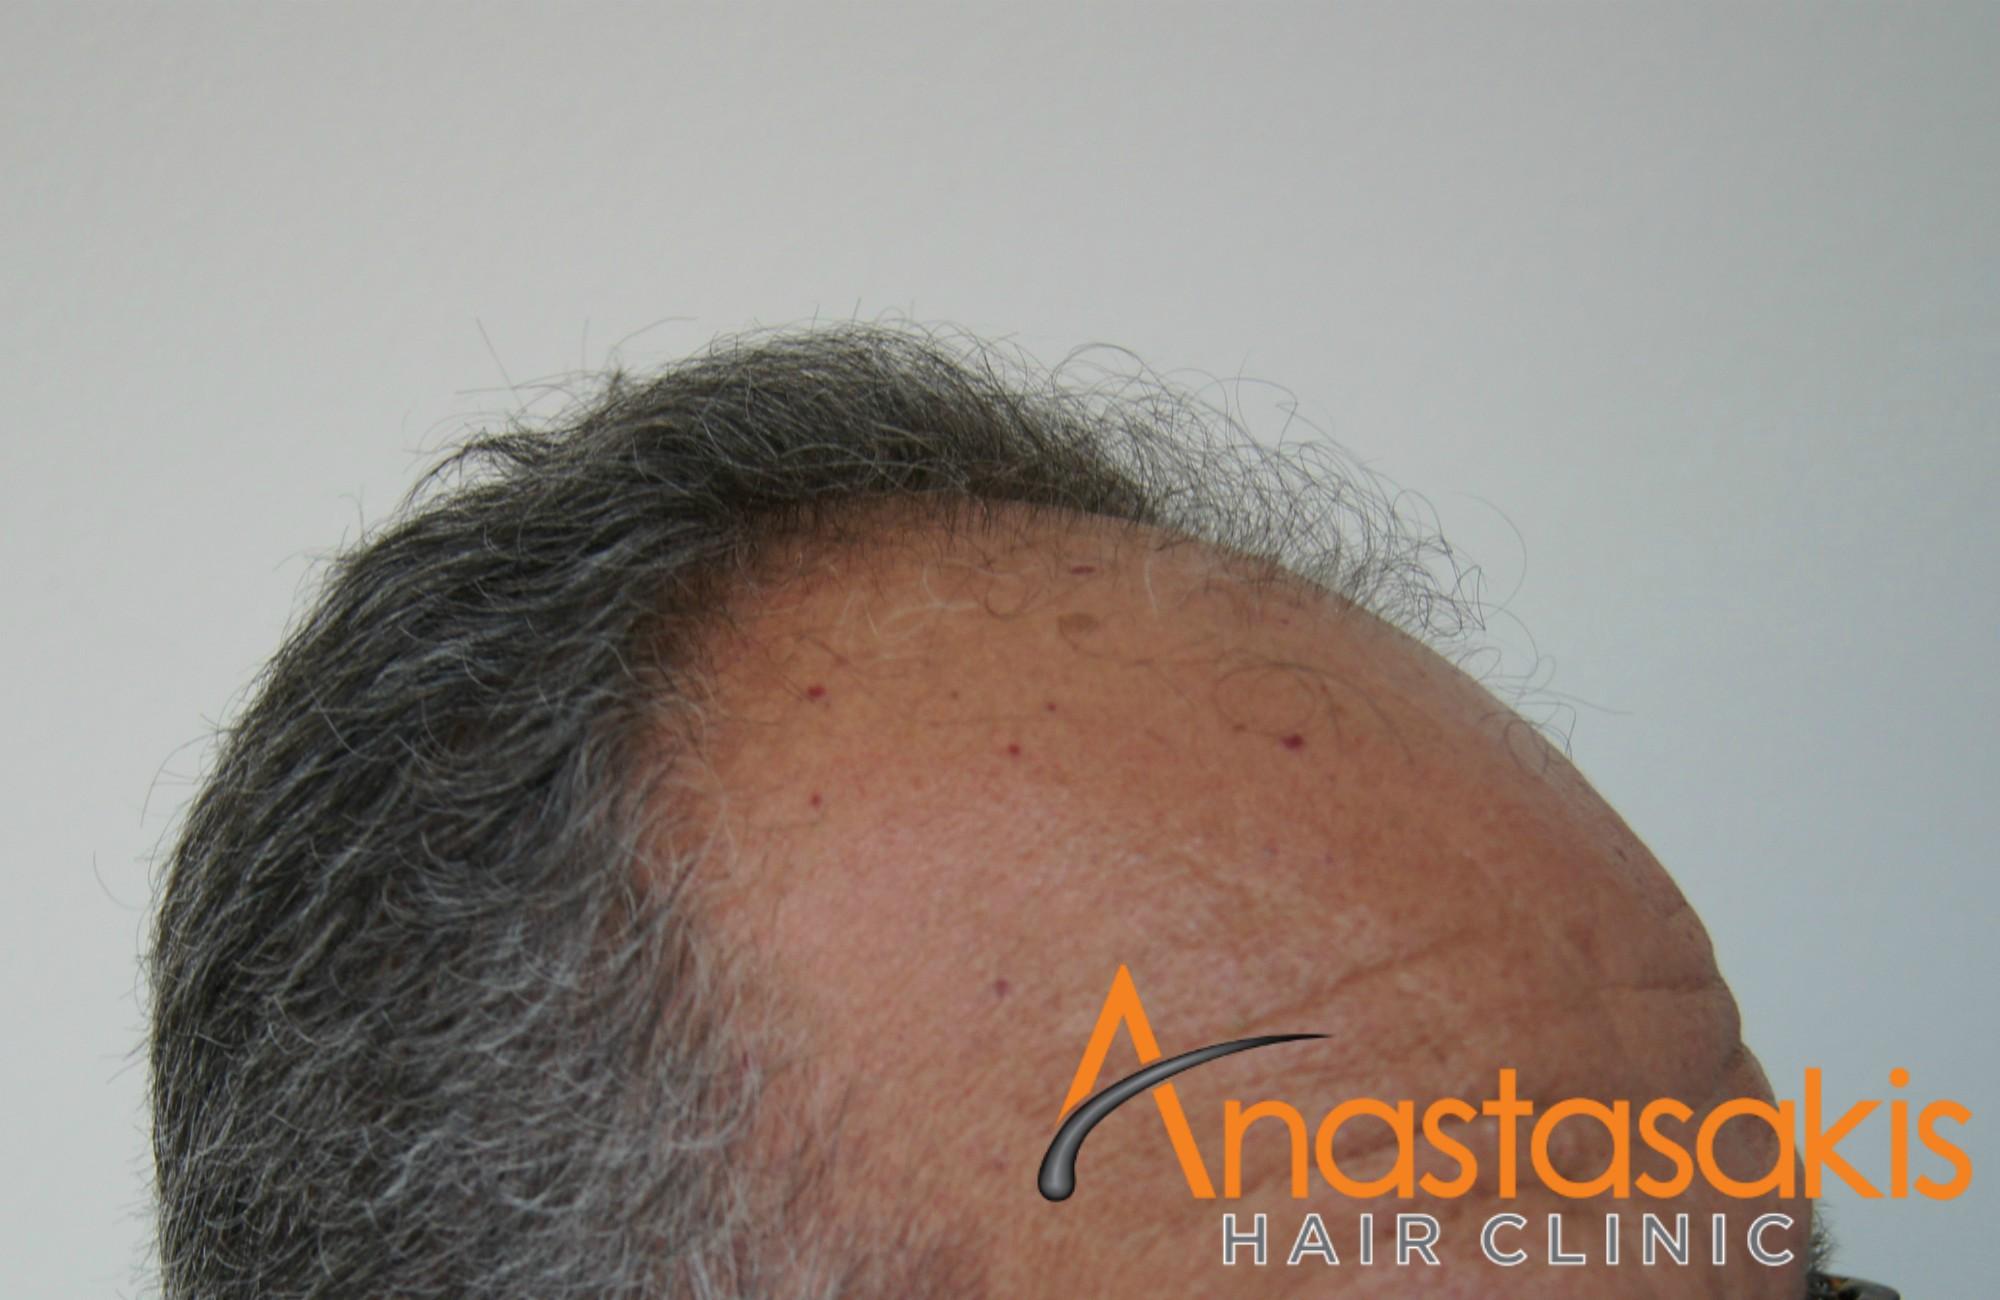 δεξι προφιλ ασθενους πριν τη μεταμοσχευση μαλλιων με 3200 fus